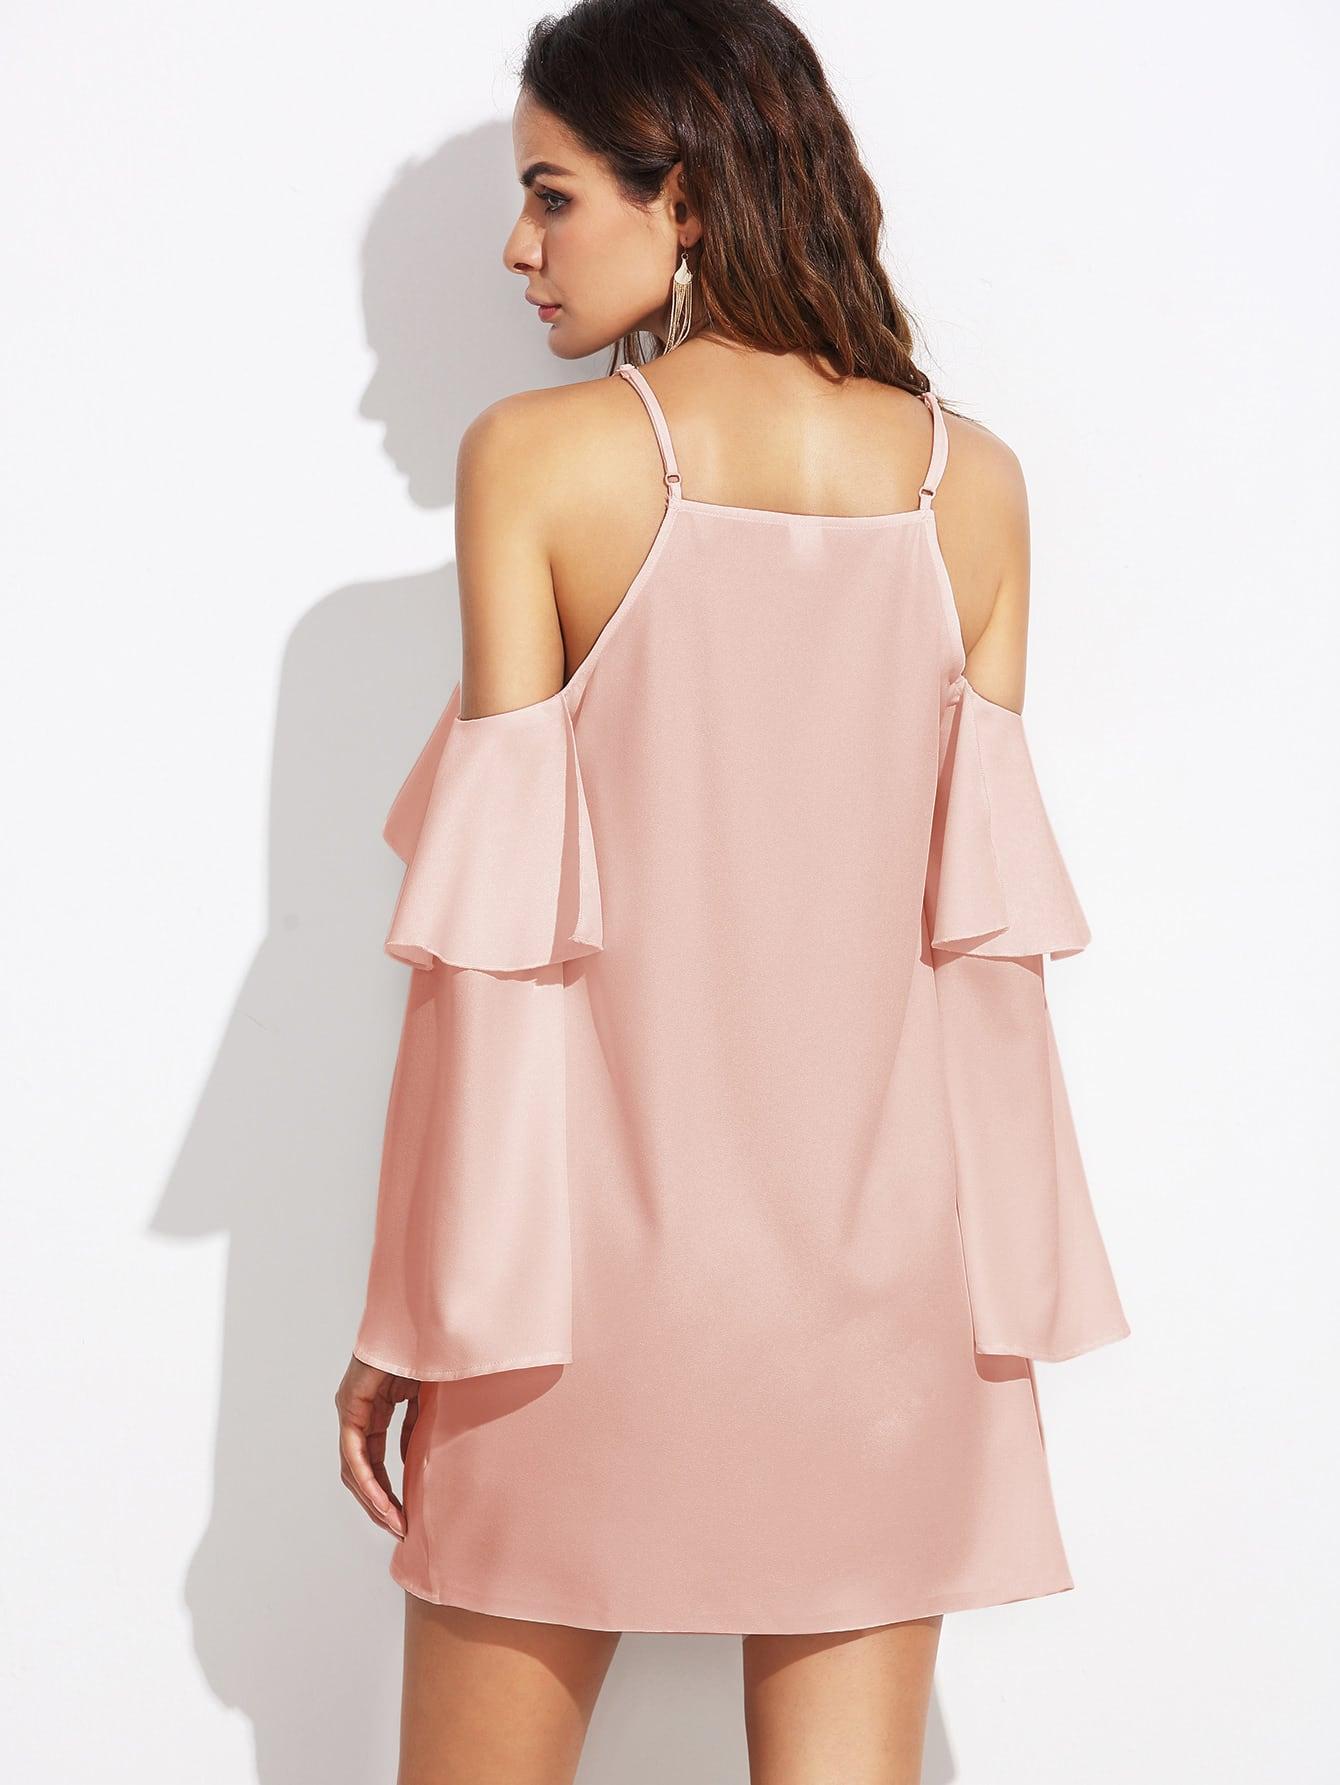 dress170504709_1